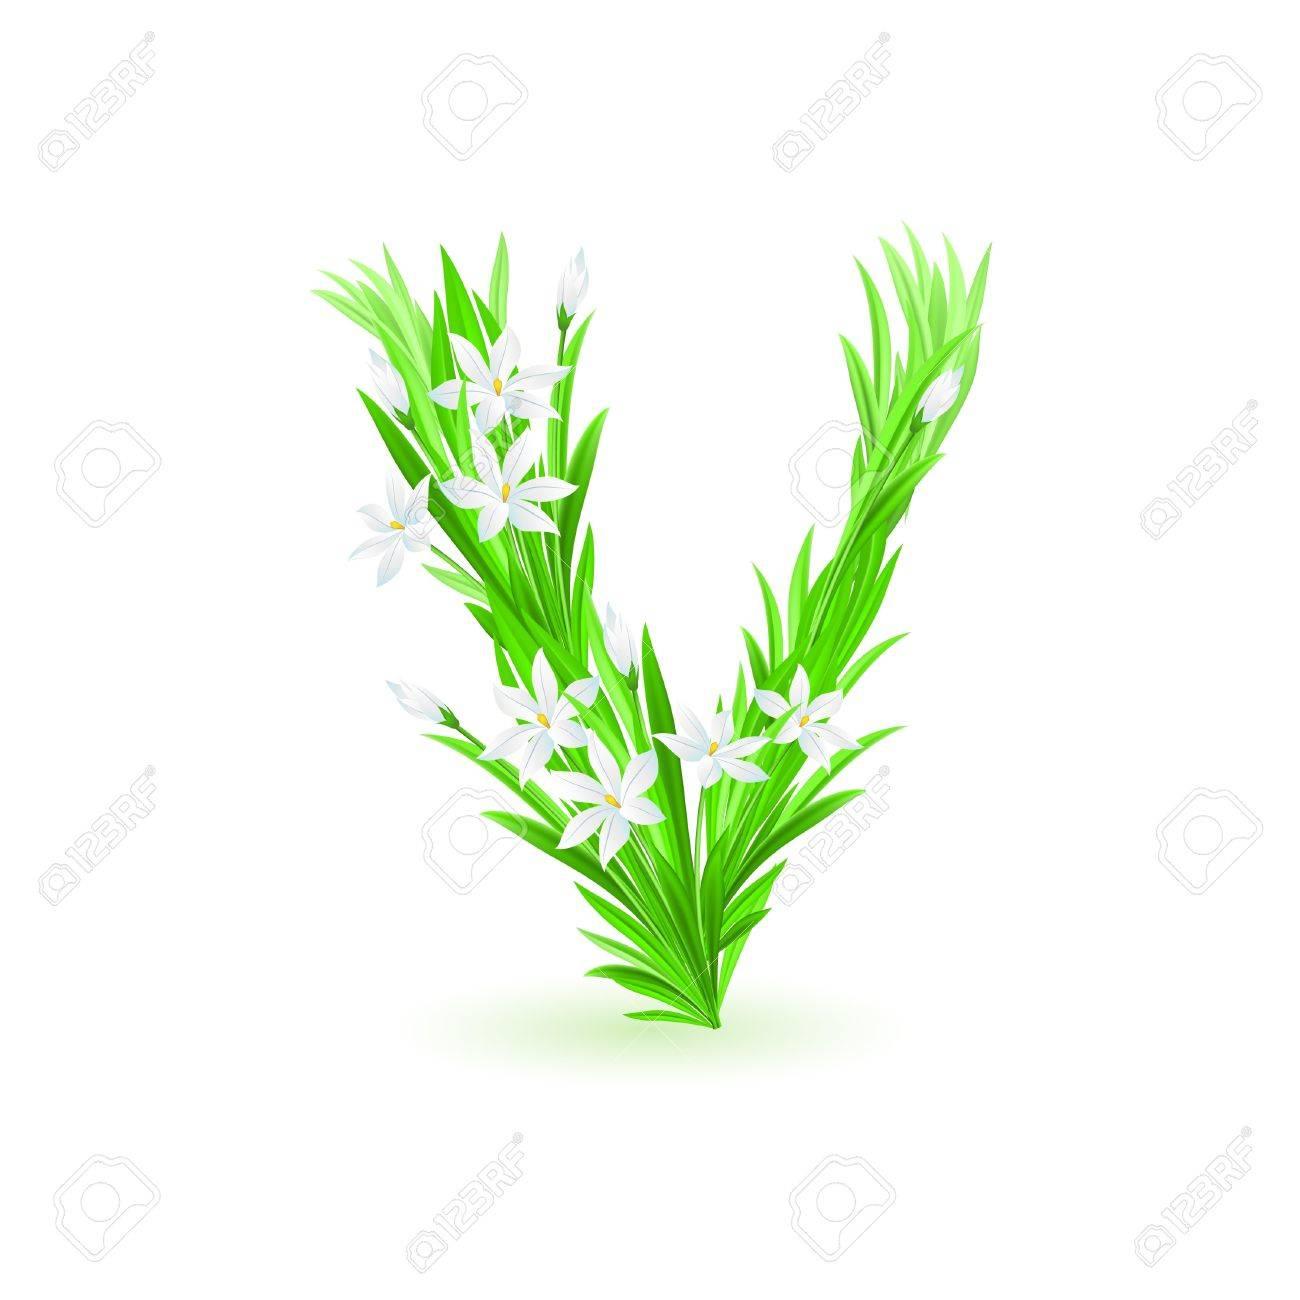 One letter of spring flowers alphabet - V. Illustration on white background Stock Vector - 9262082